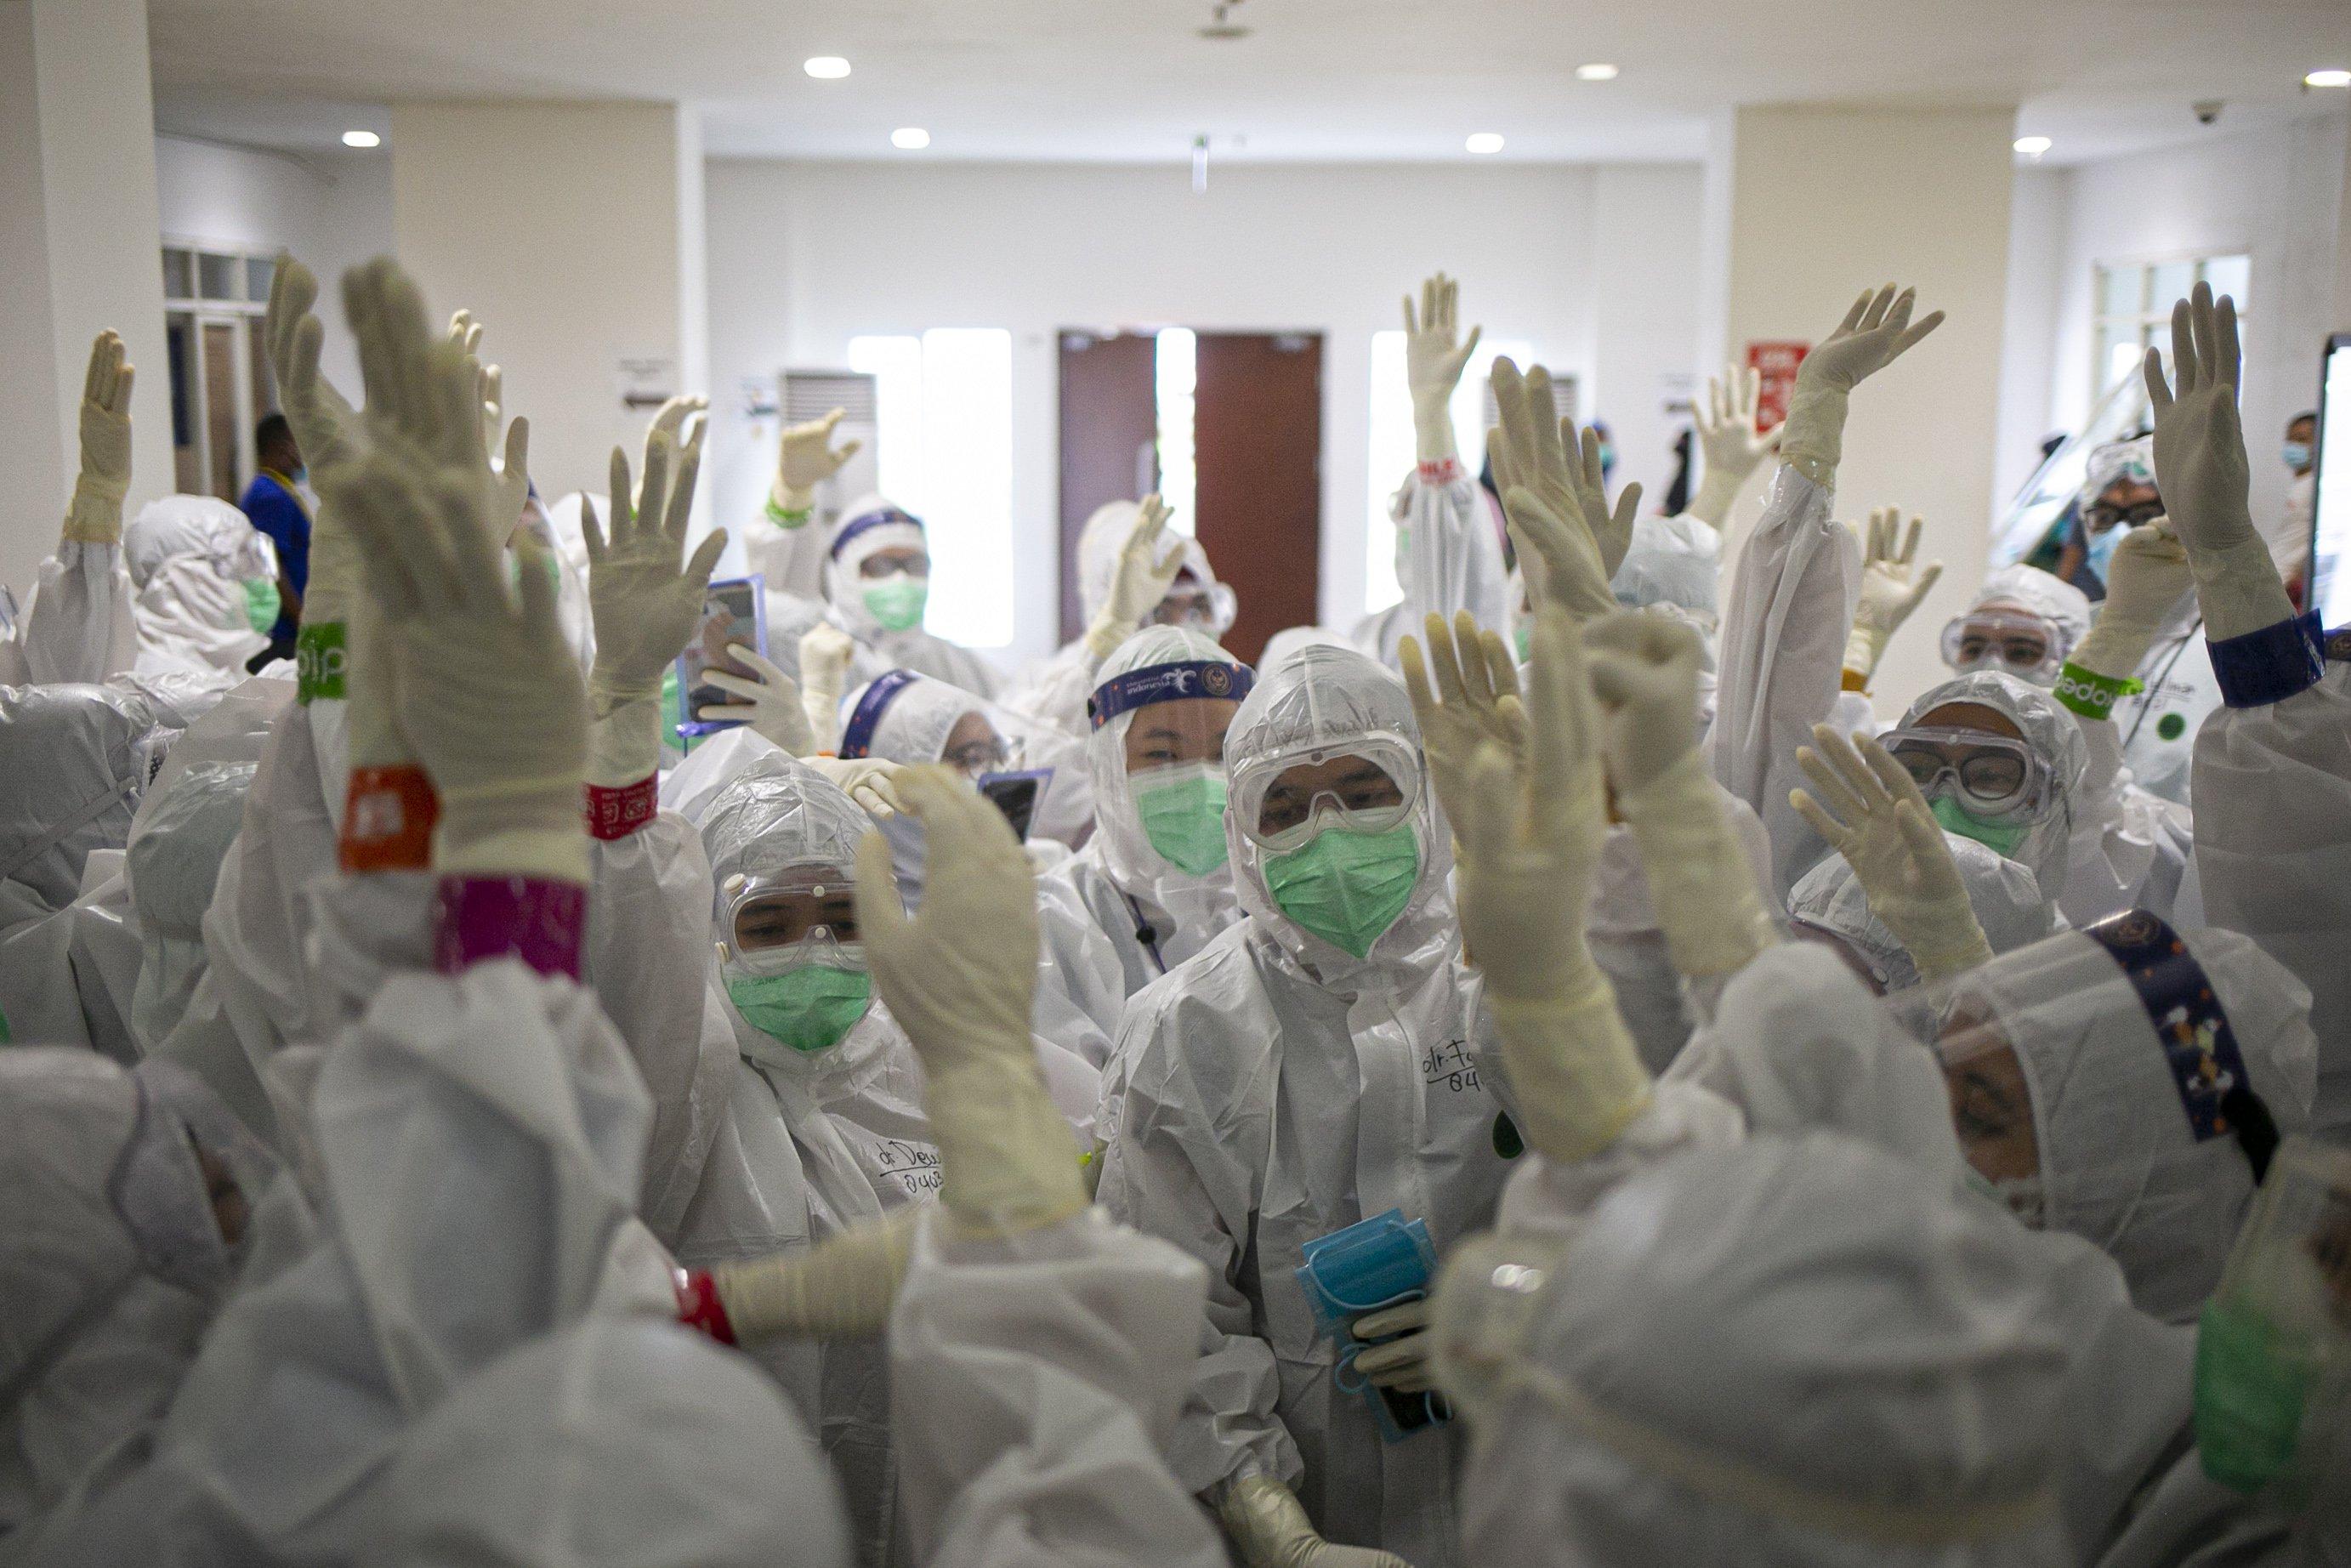 Petugas medis melakukan persiapan sebelum merawat pasien Covid-19 di Rumah Sakit Darurat Wisma Atlet, Kemayoran, Jakarta.